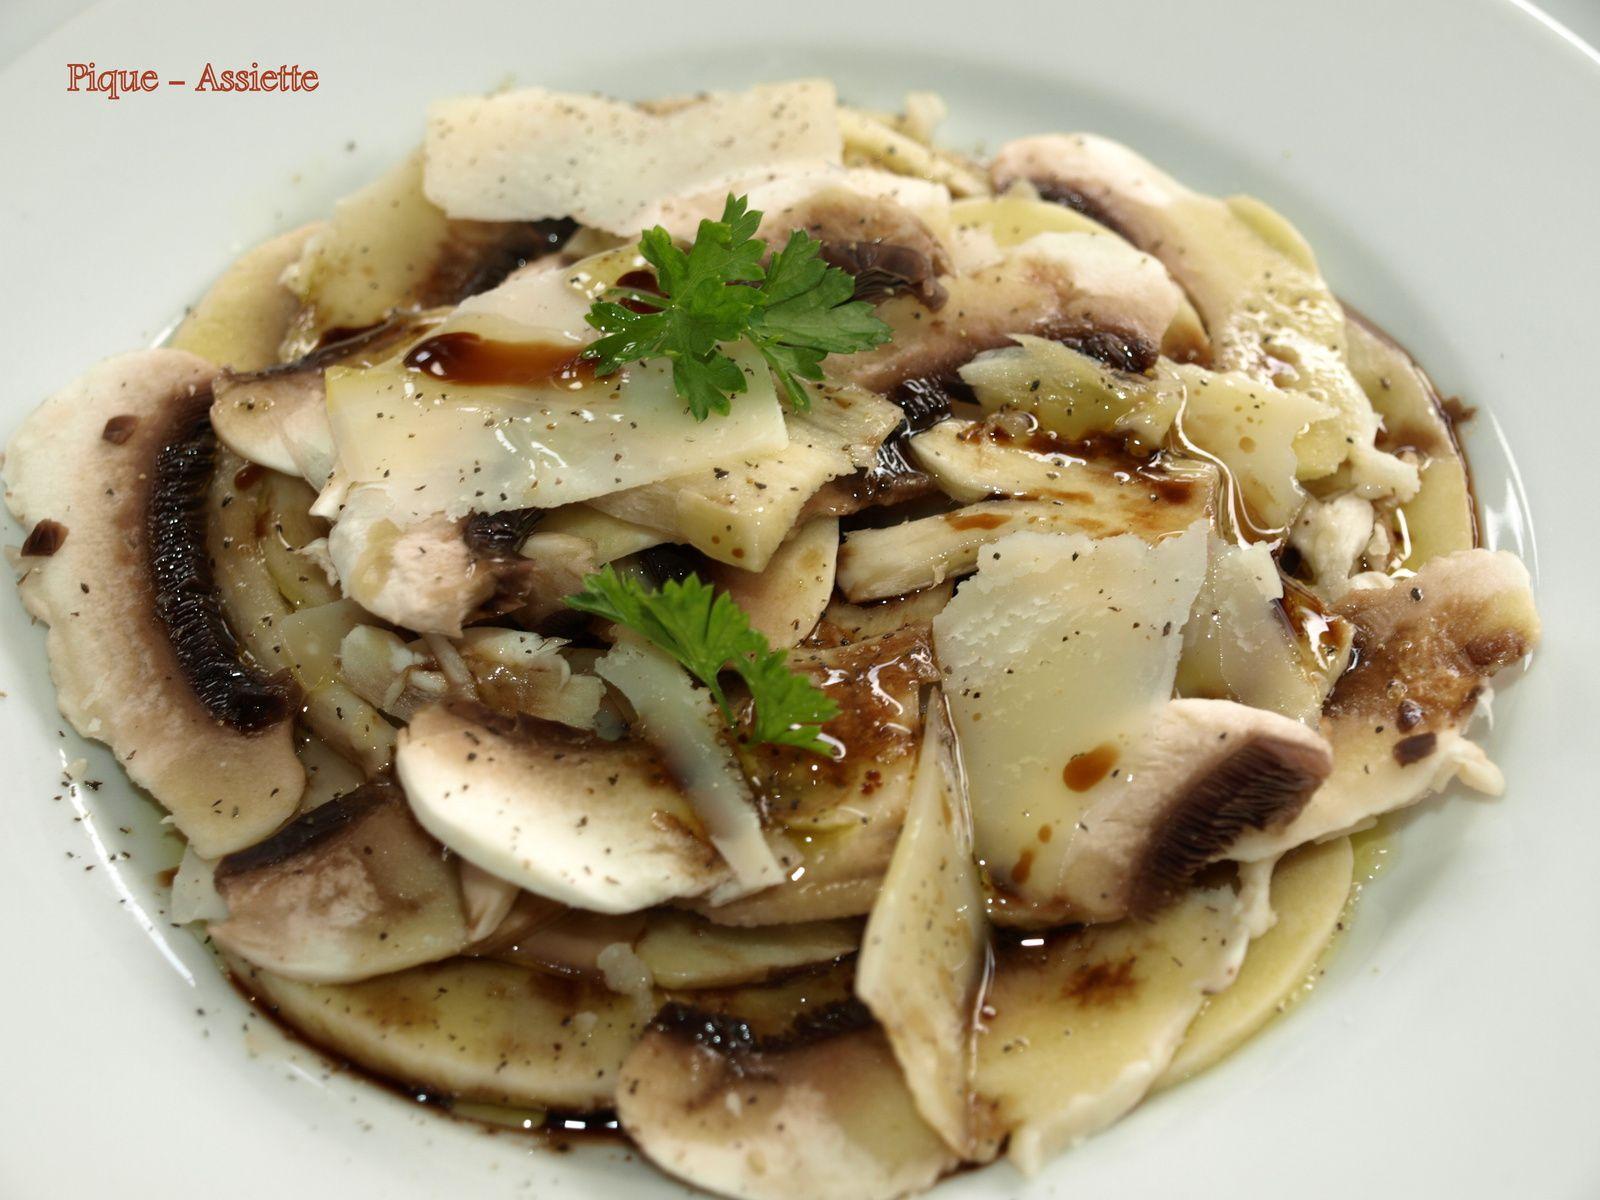 Carpaccio de champignons de paris au vinaigre balsamique pique assiette - Champignon de paris a la poele ...